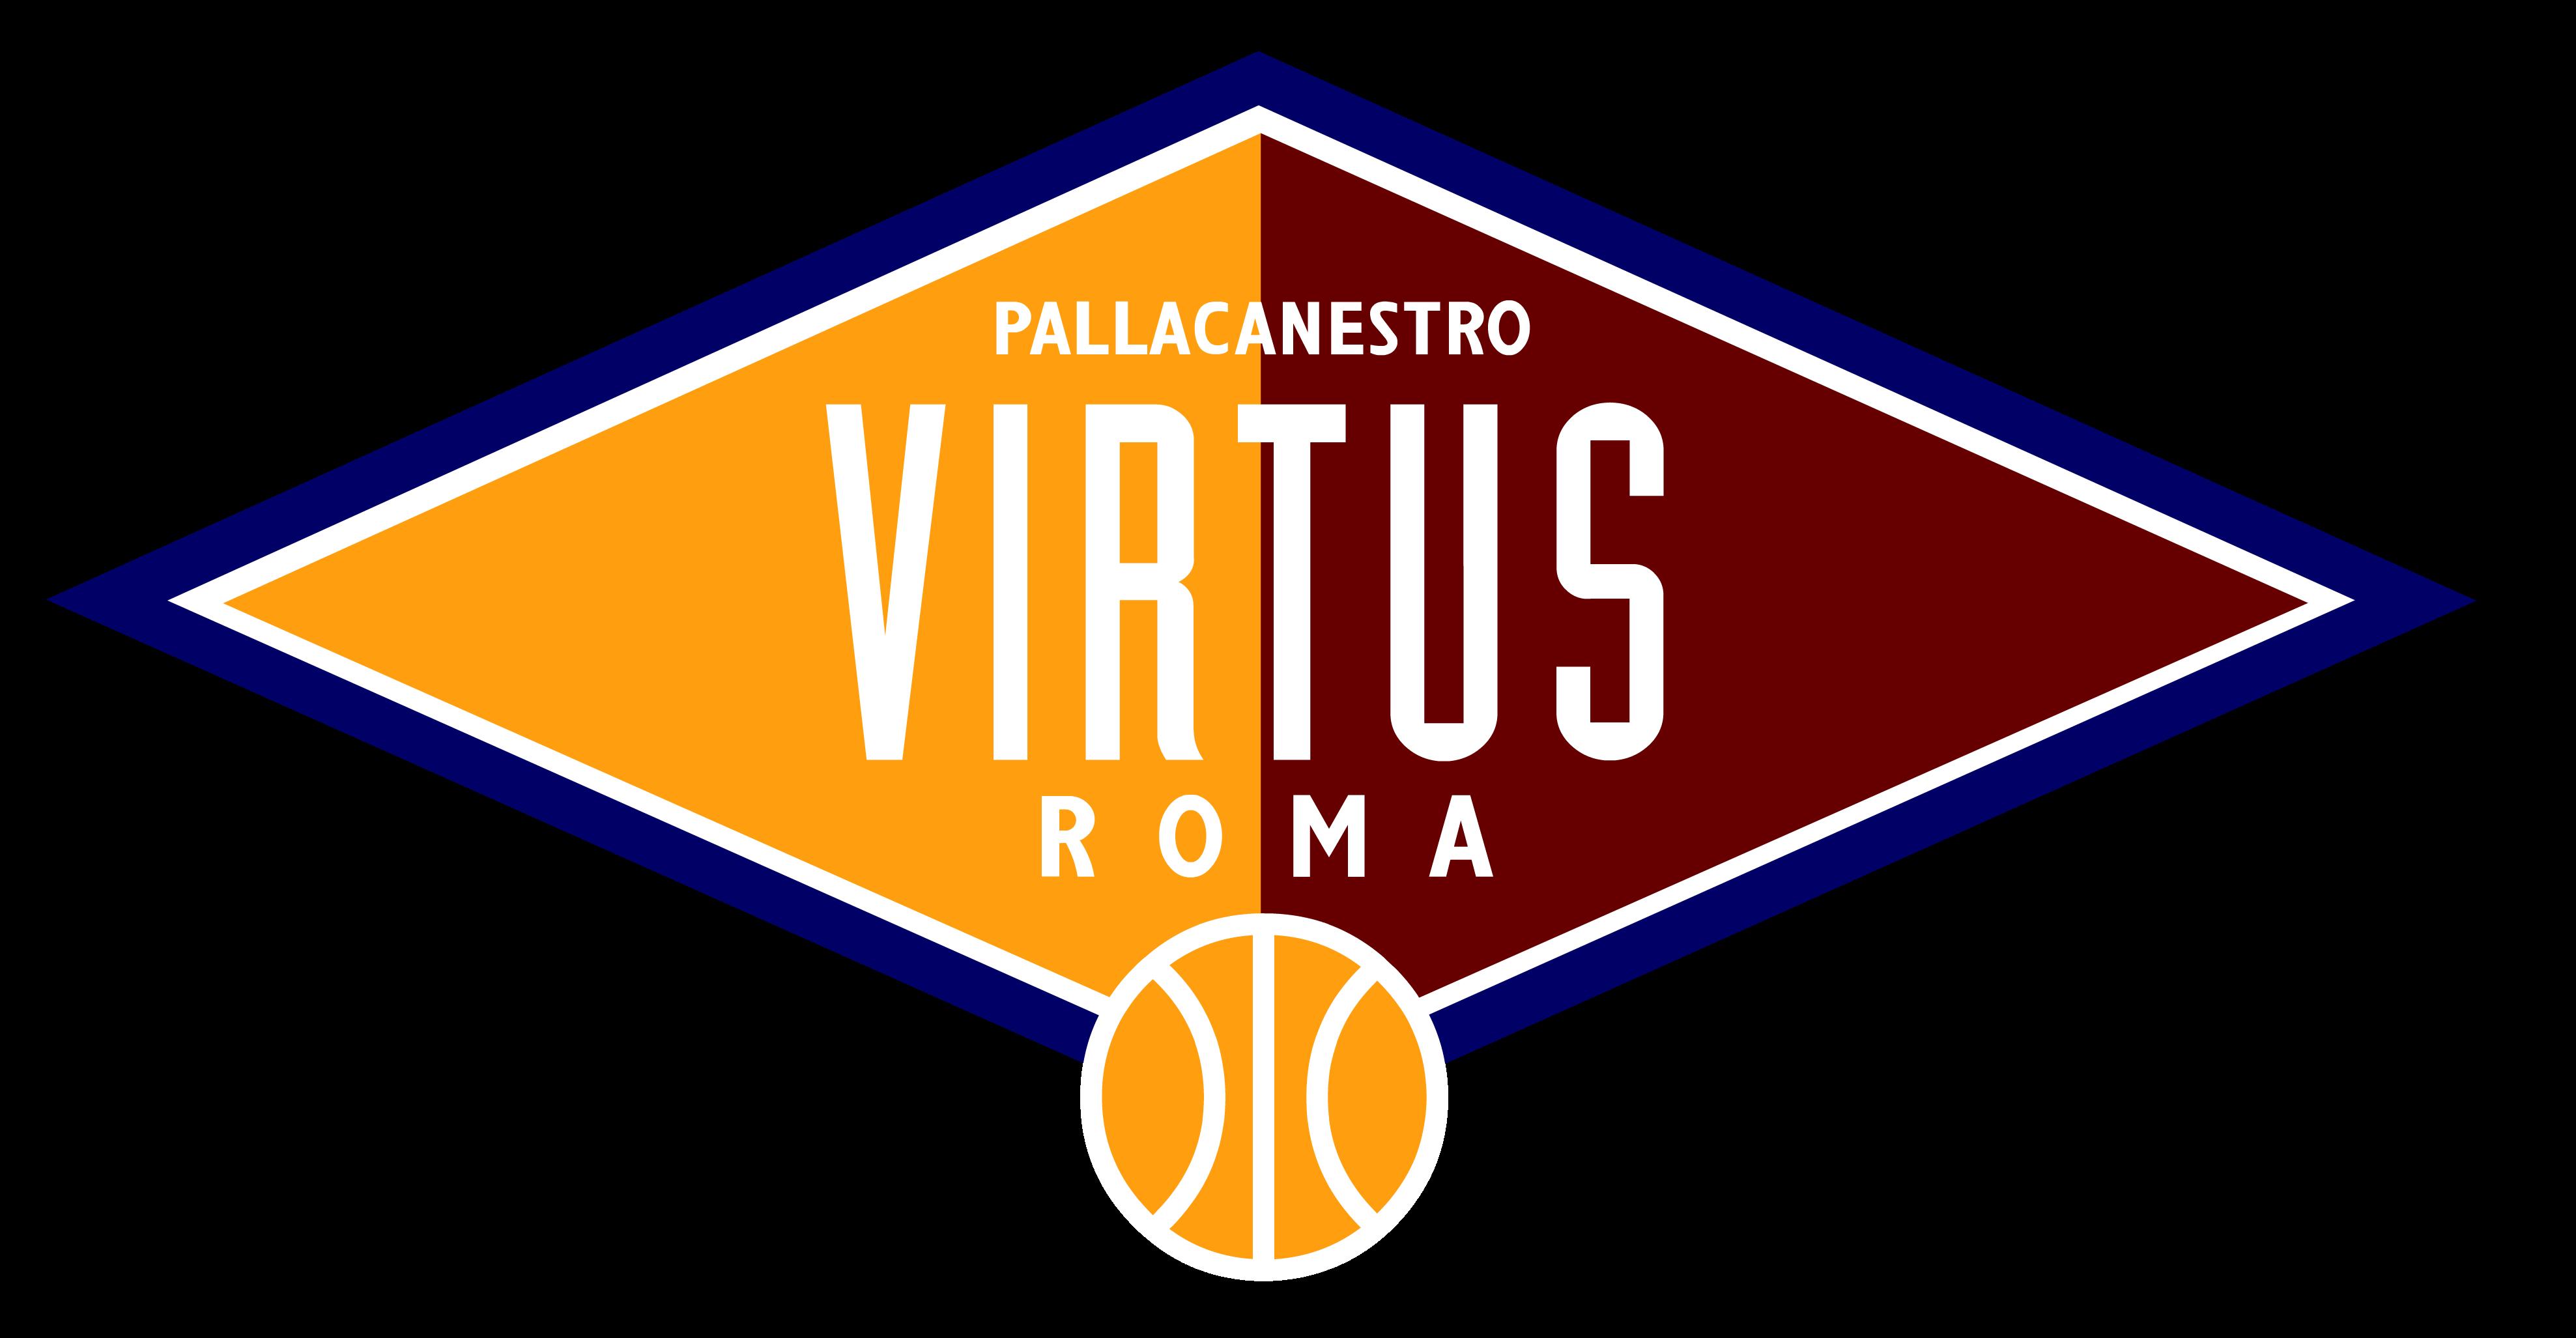 File:Logo Virtus Roma.png - Wikipedia